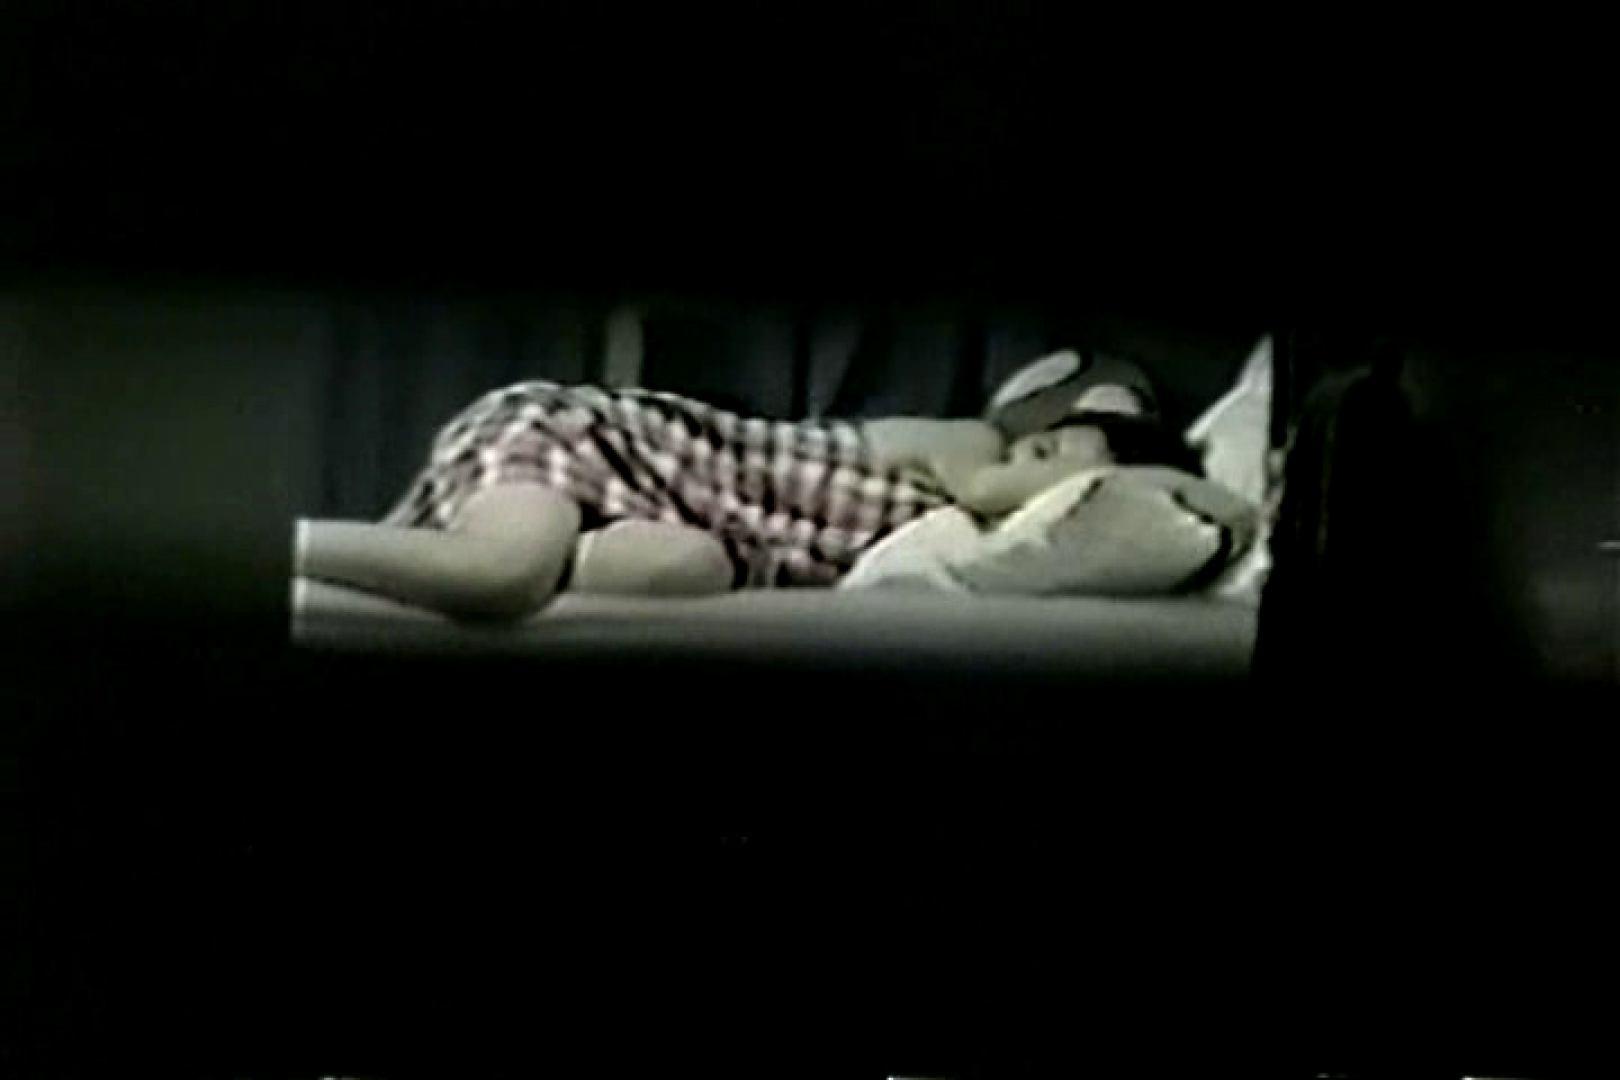 深夜の撮影会Vol.6 エロティックなOL ワレメ動画紹介 91画像 37